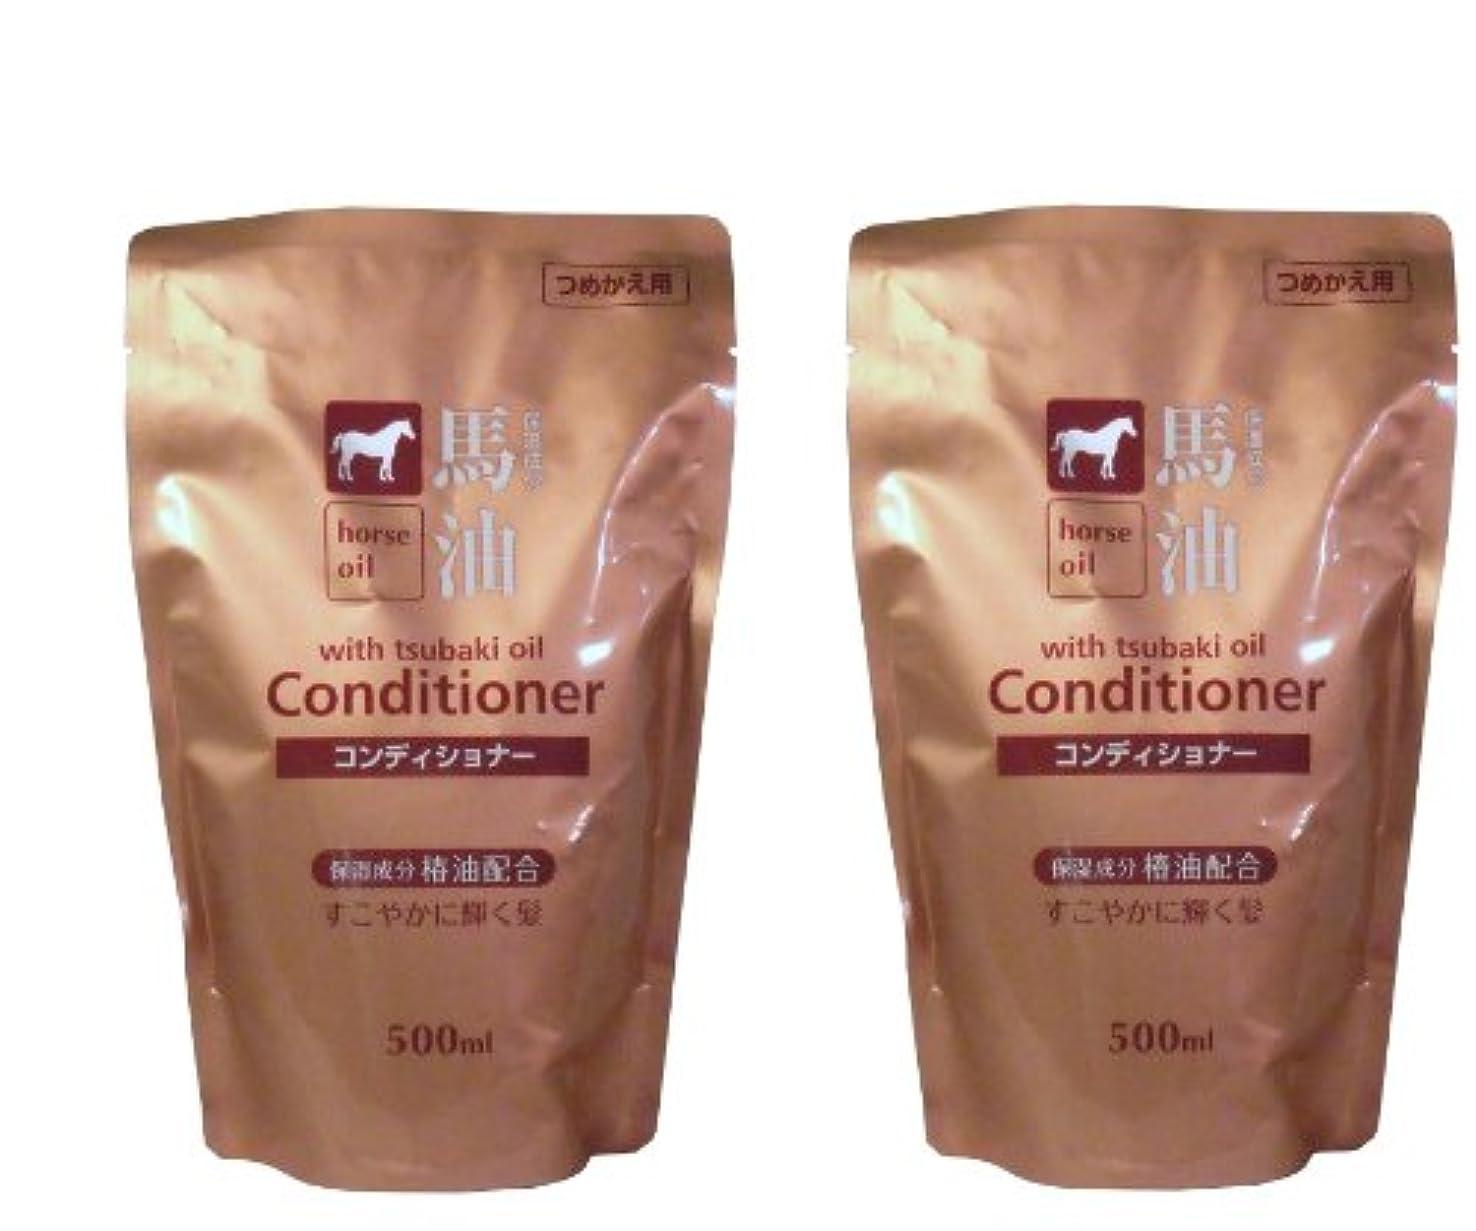 肥満とても先祖馬油コンディショナー 椿油配合 詰替え用 2個セット(各500mL)  【日本製】